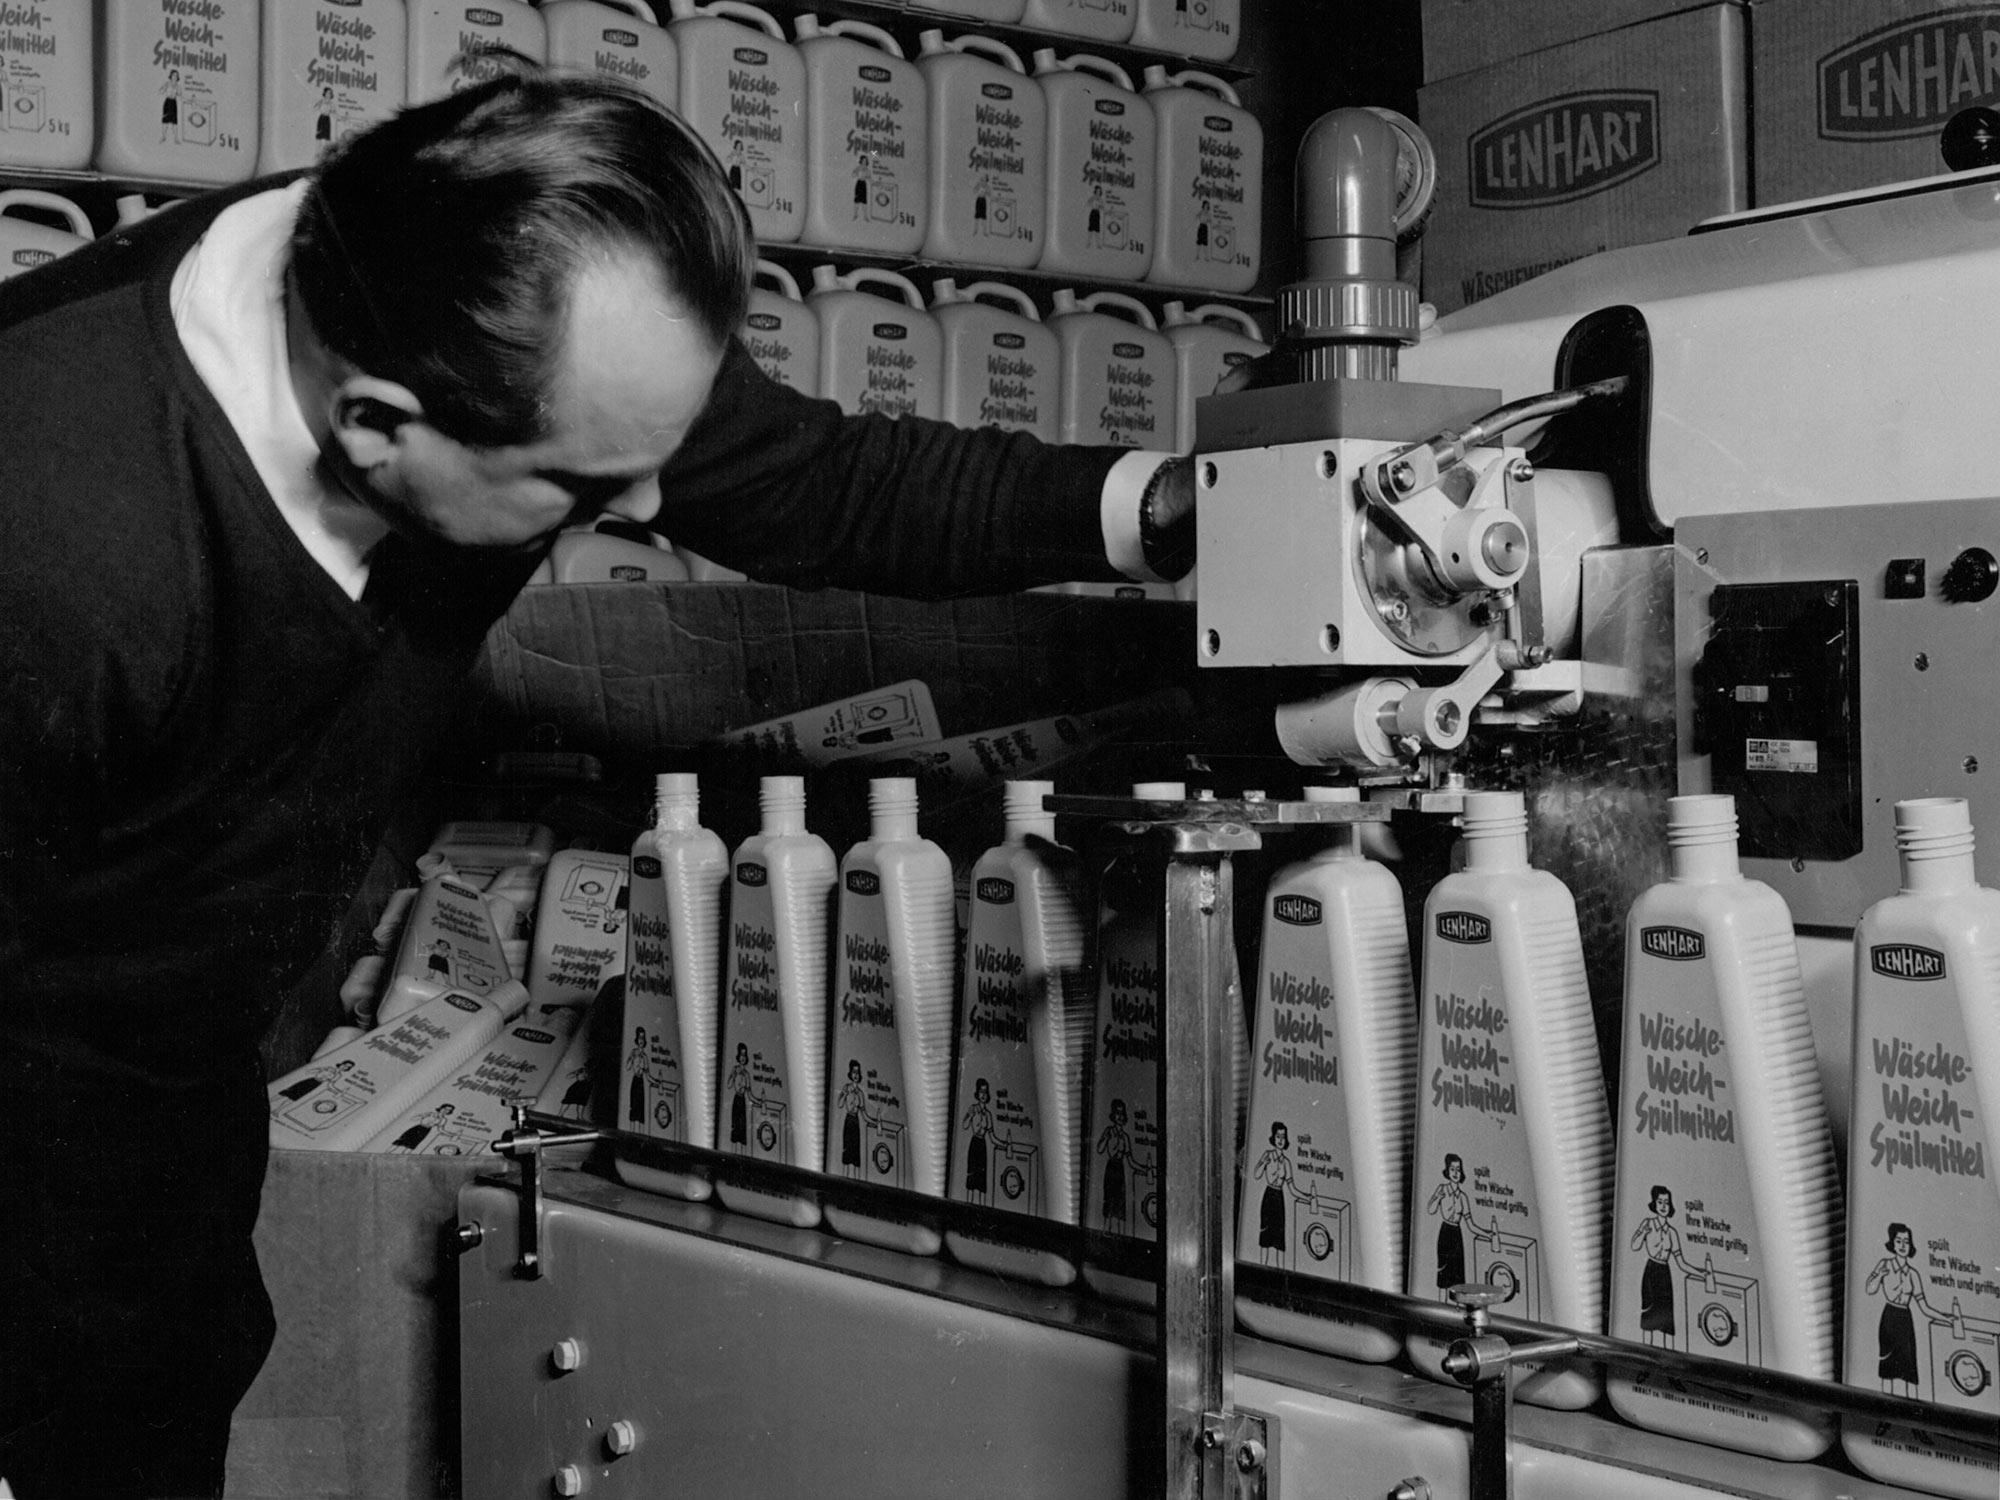 Lenhart Kosmetik Produktion Geschichte